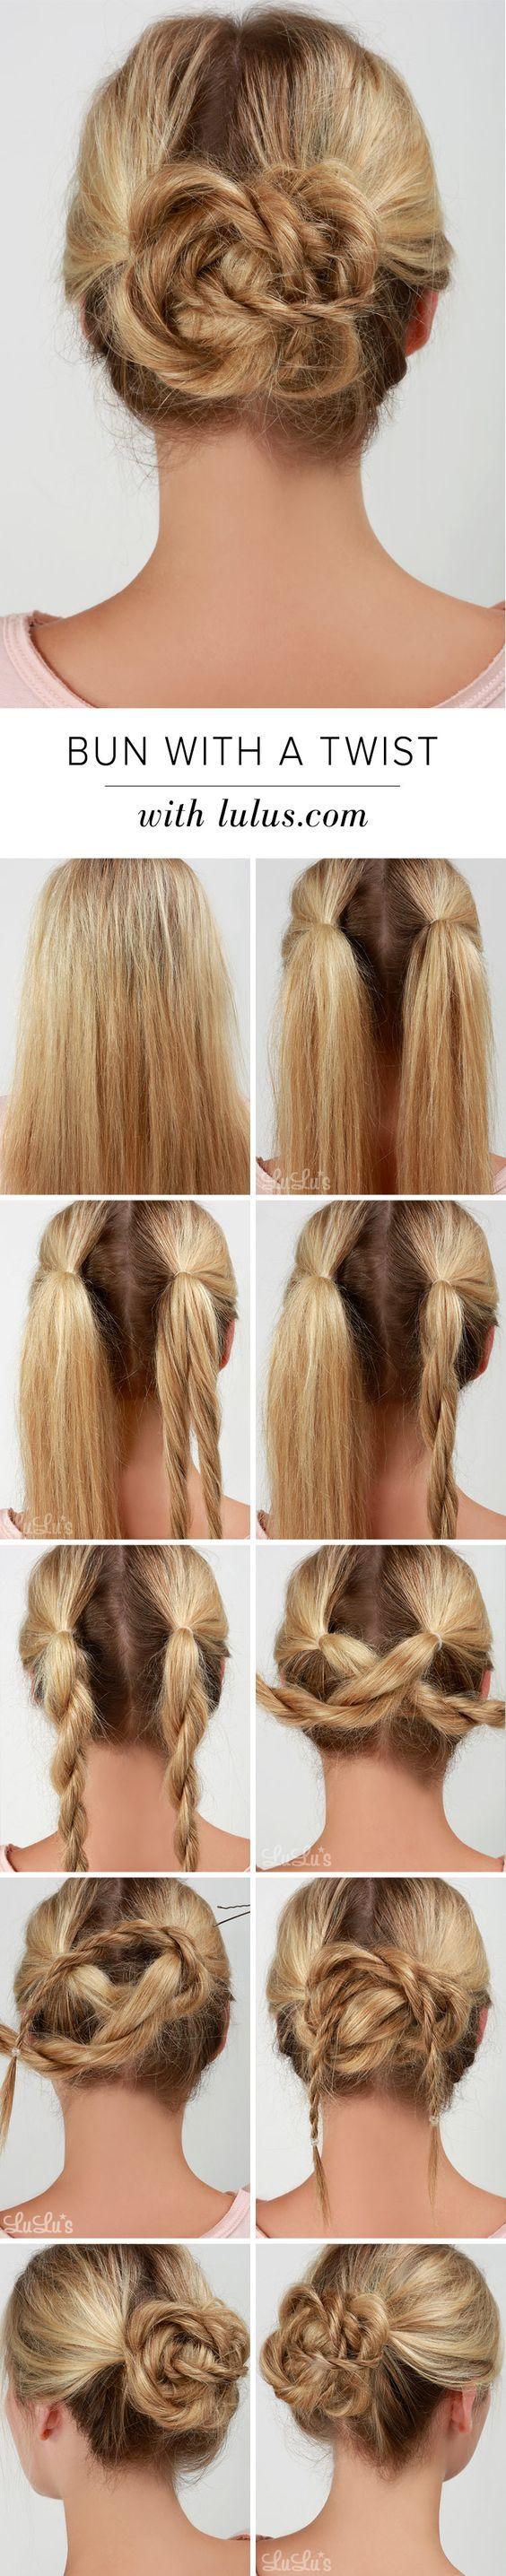 Phenomenal Easy Bun Hairstyles Easy Bun And Bun Hairstyles On Pinterest Short Hairstyles For Black Women Fulllsitofus